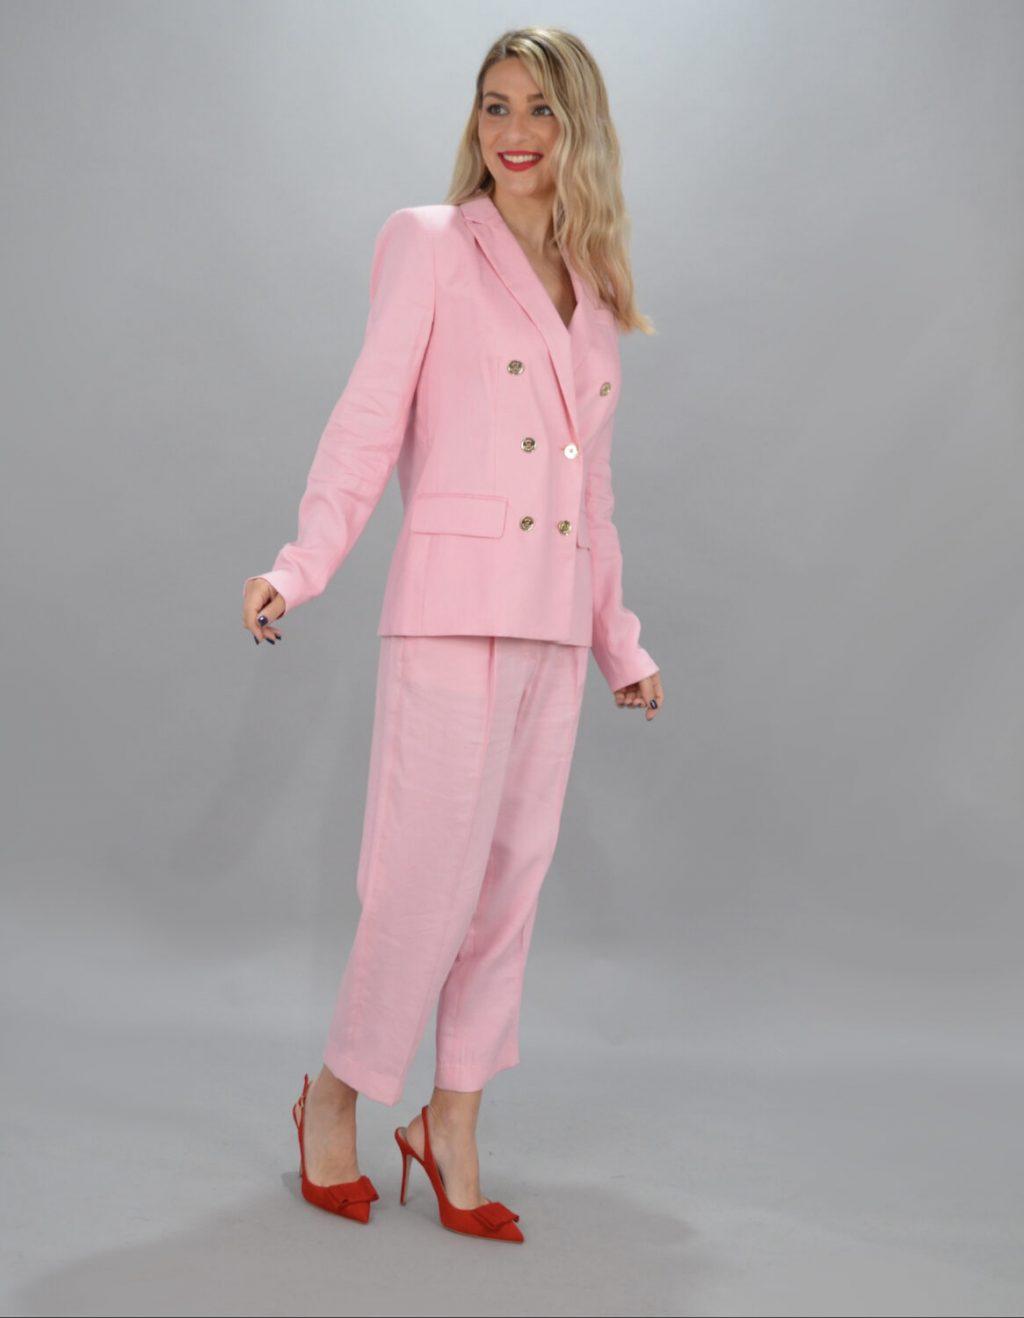 Γυναικεία Ρούχα MICHAEL KORS ΚΟΣΤΟΥΜΙ ROSE